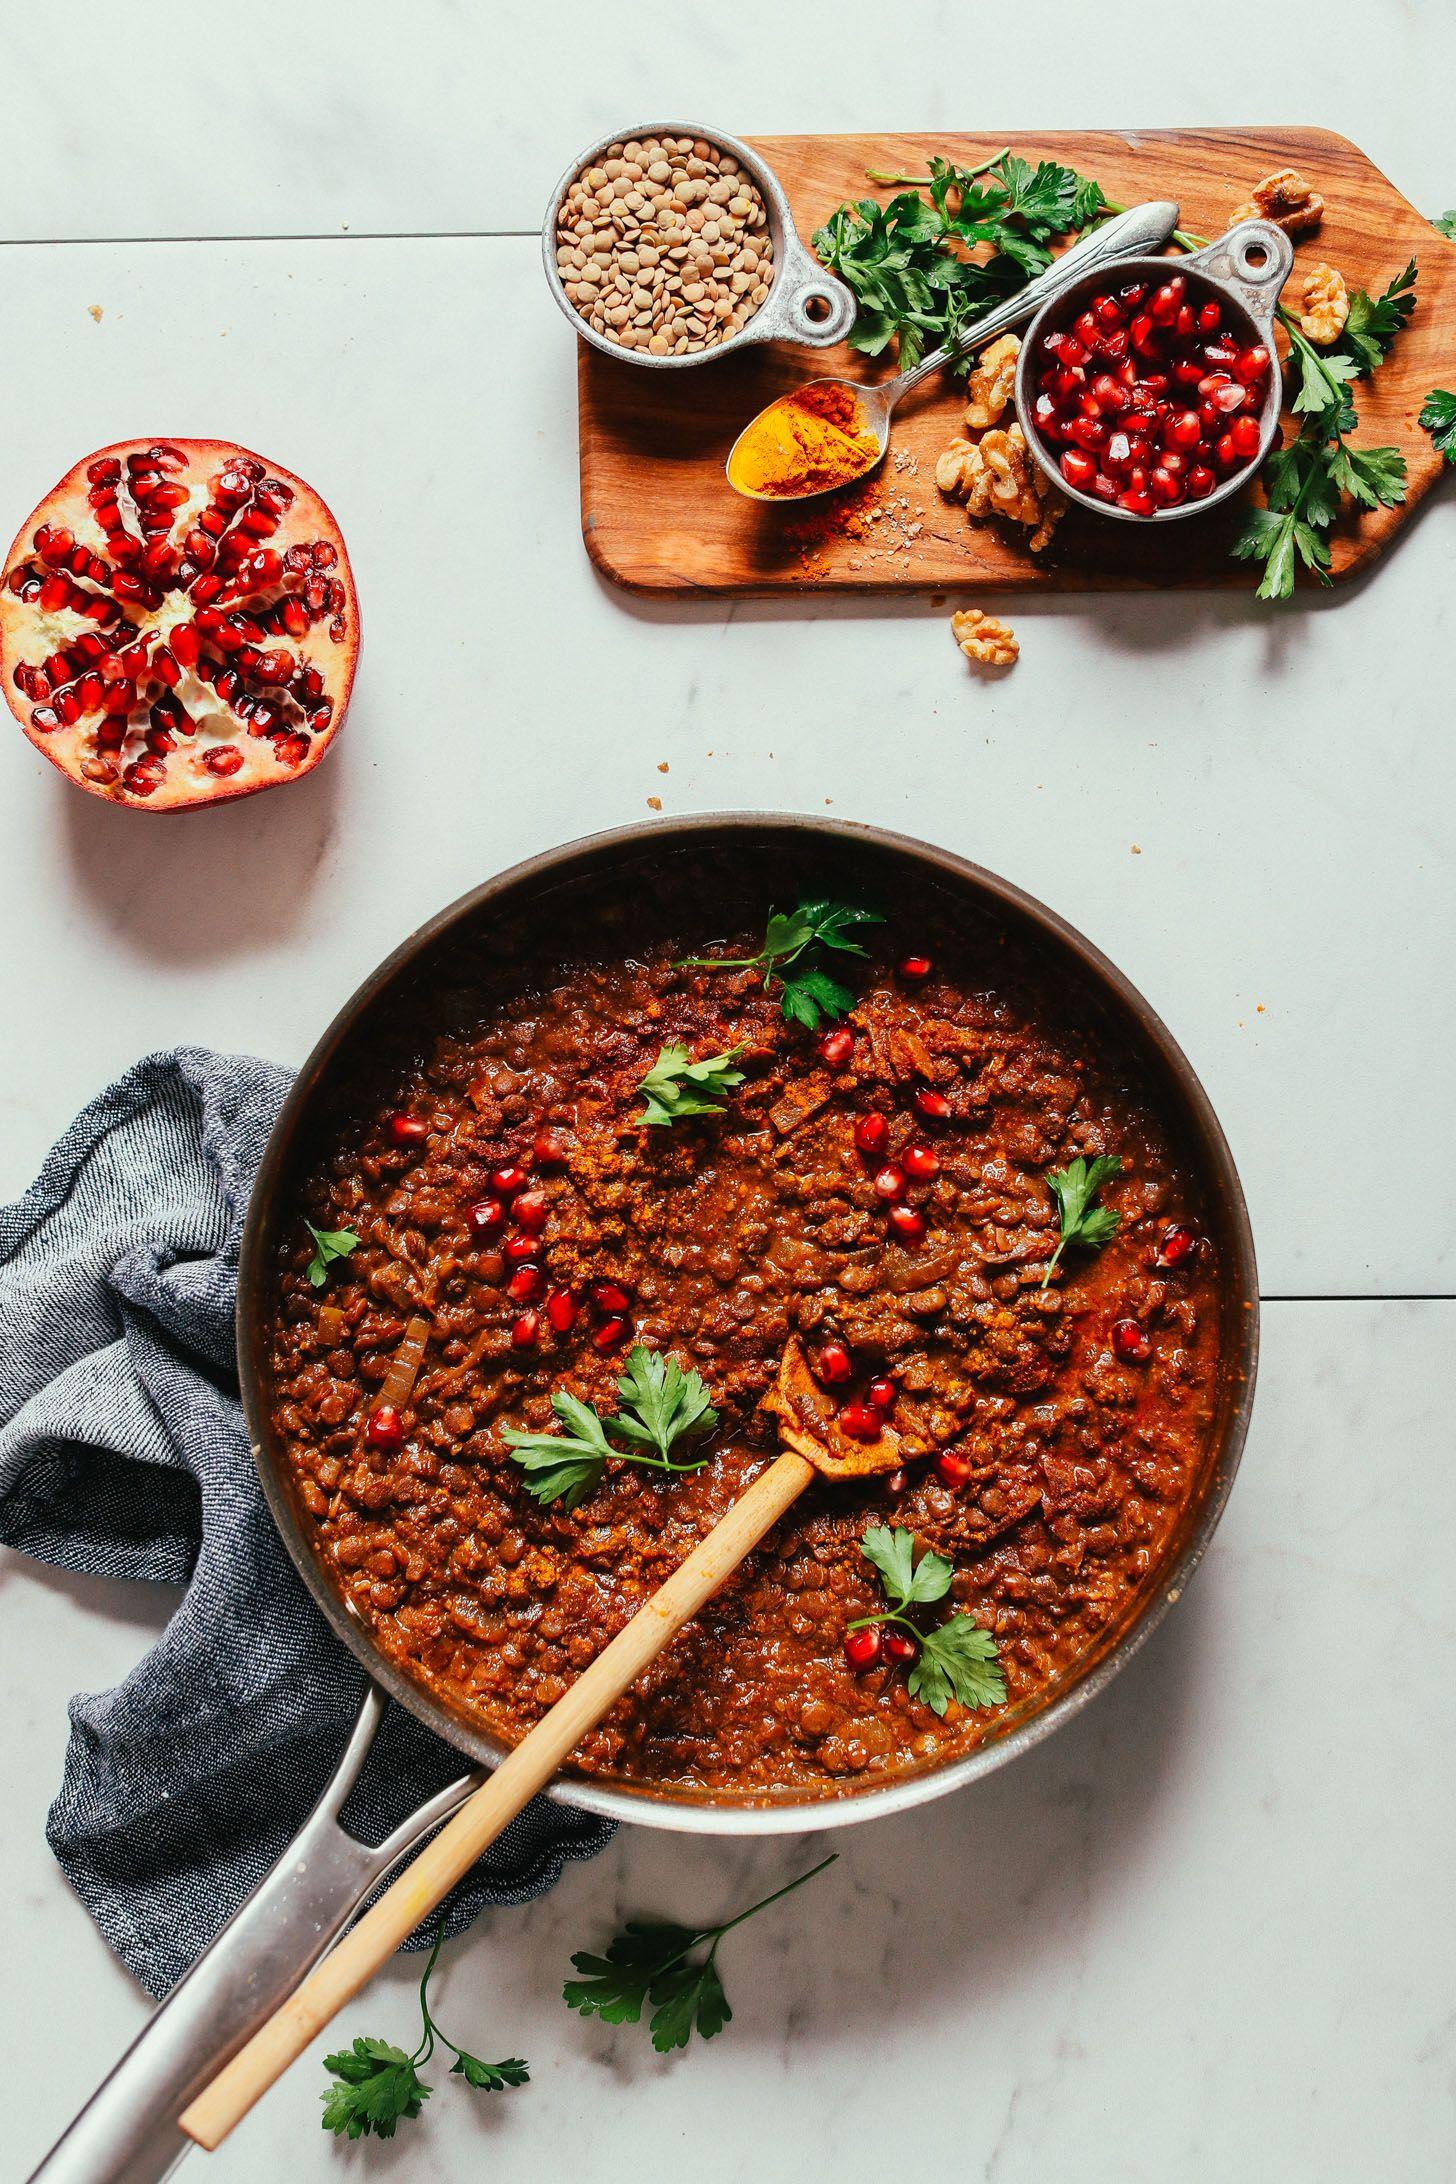 Vegan Recipes For Lentils